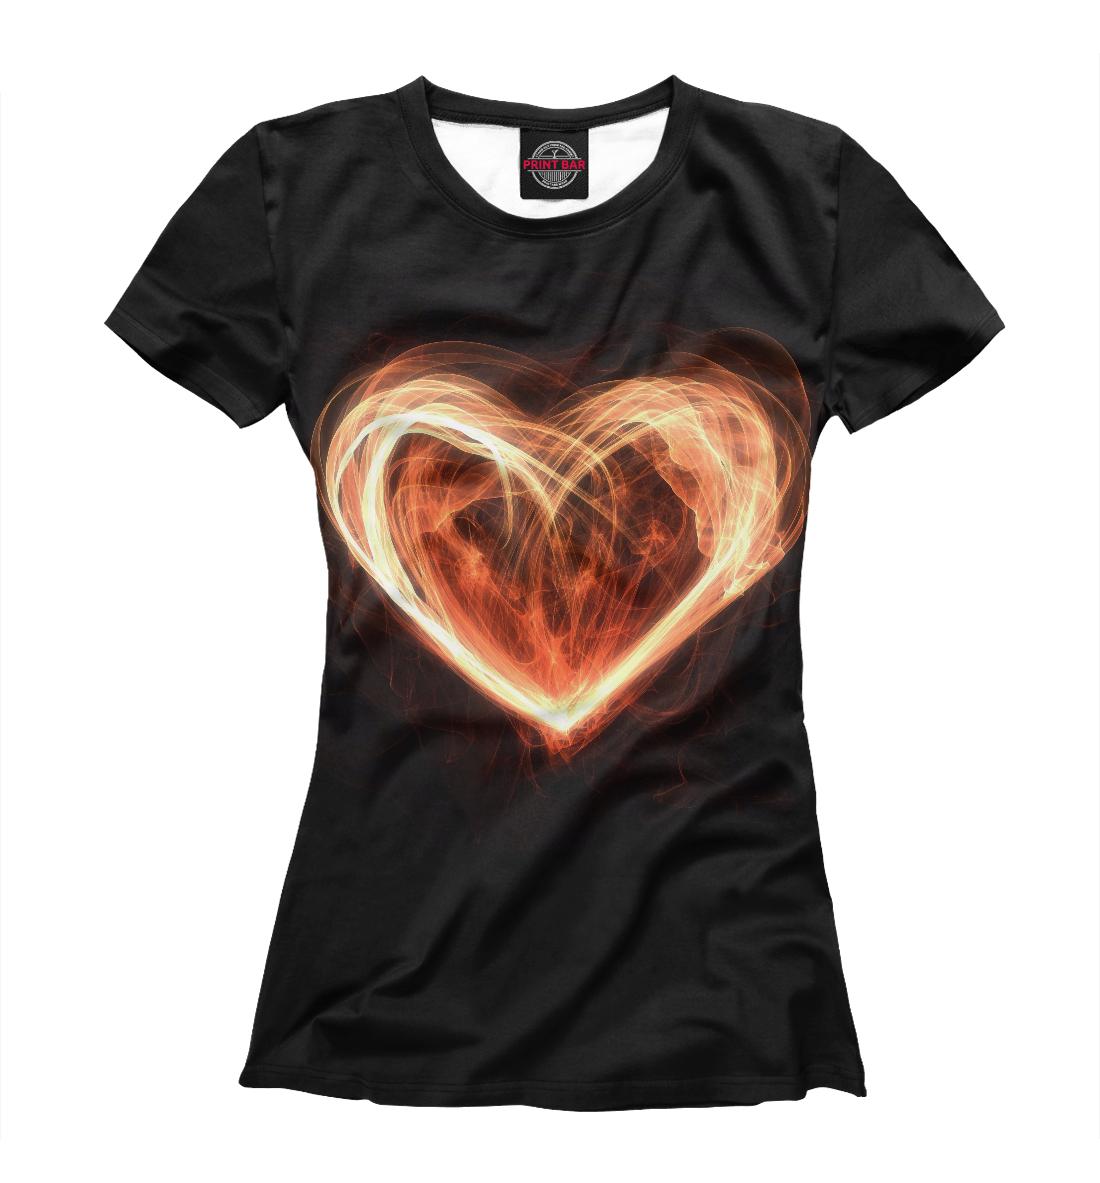 Купить Огненное сердце на чёрном фоне, Printbar, Футболки, SRD-494101-fut-1